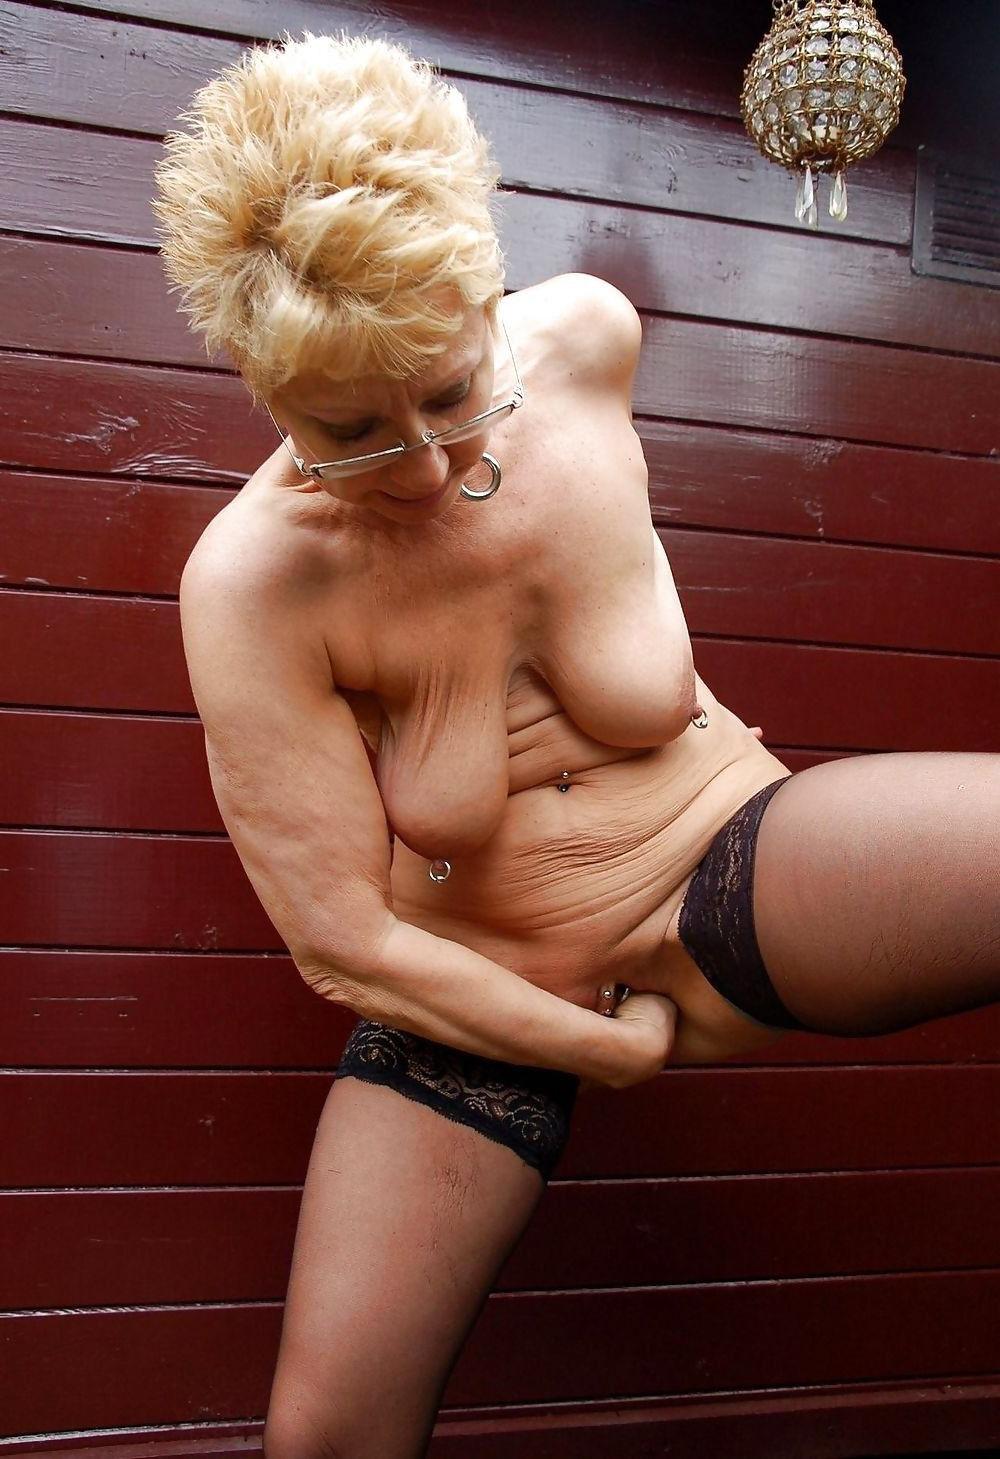 Crazy masturbating older women nude pics